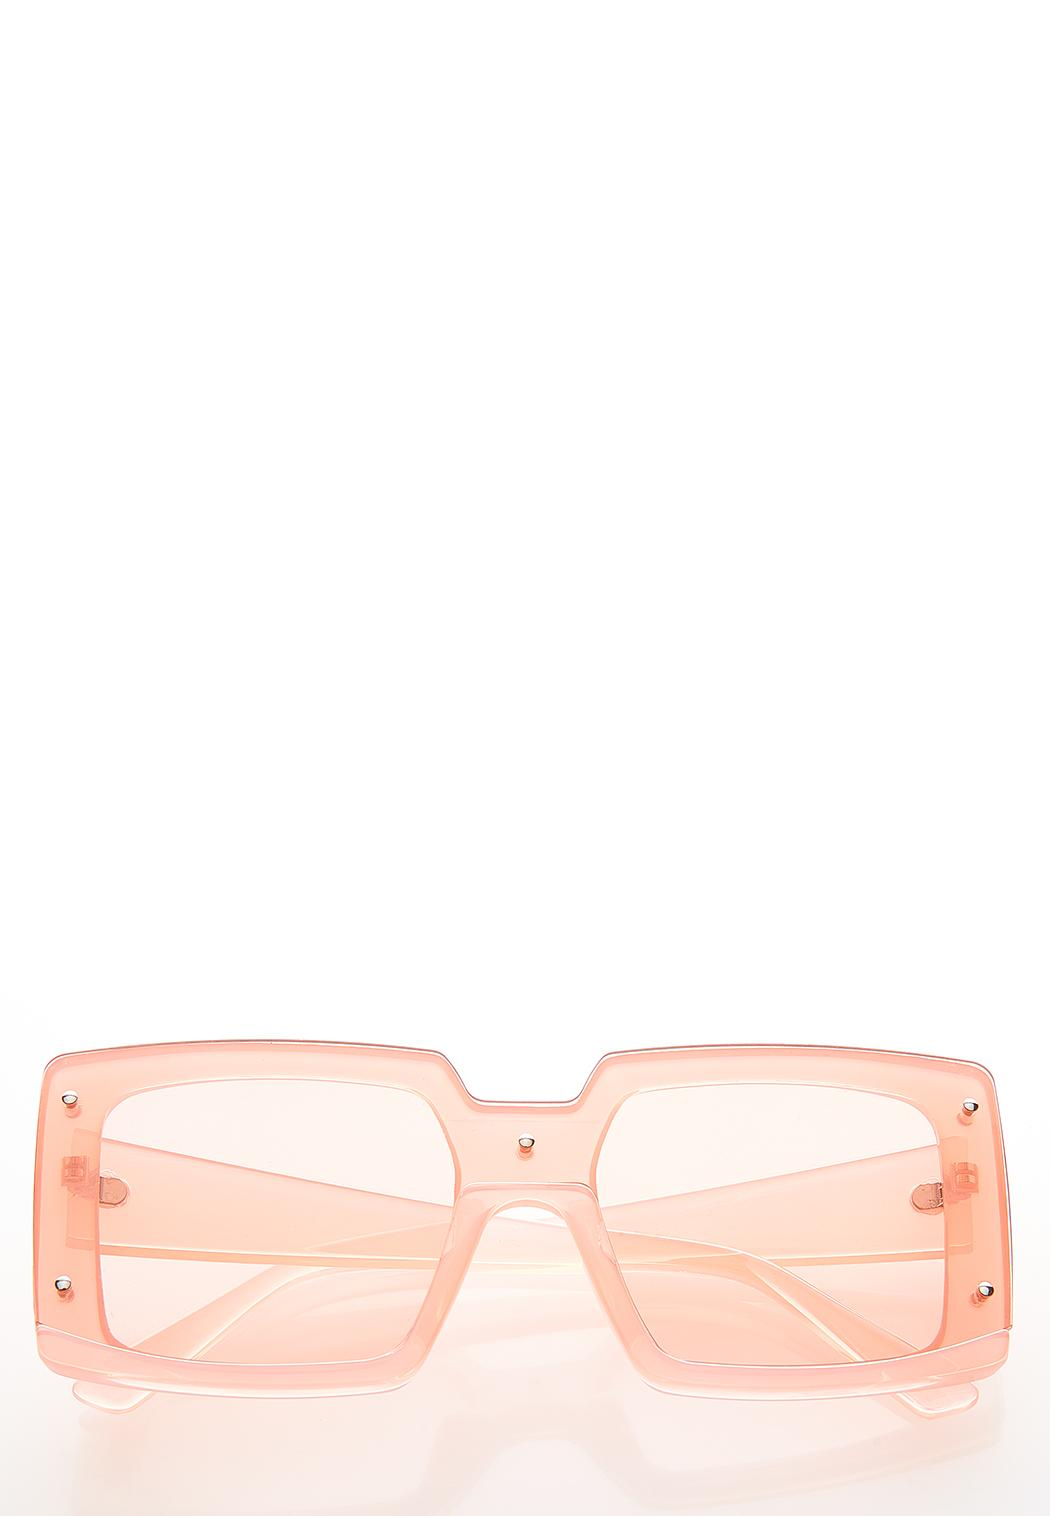 Francisco Lucite Sunglasses